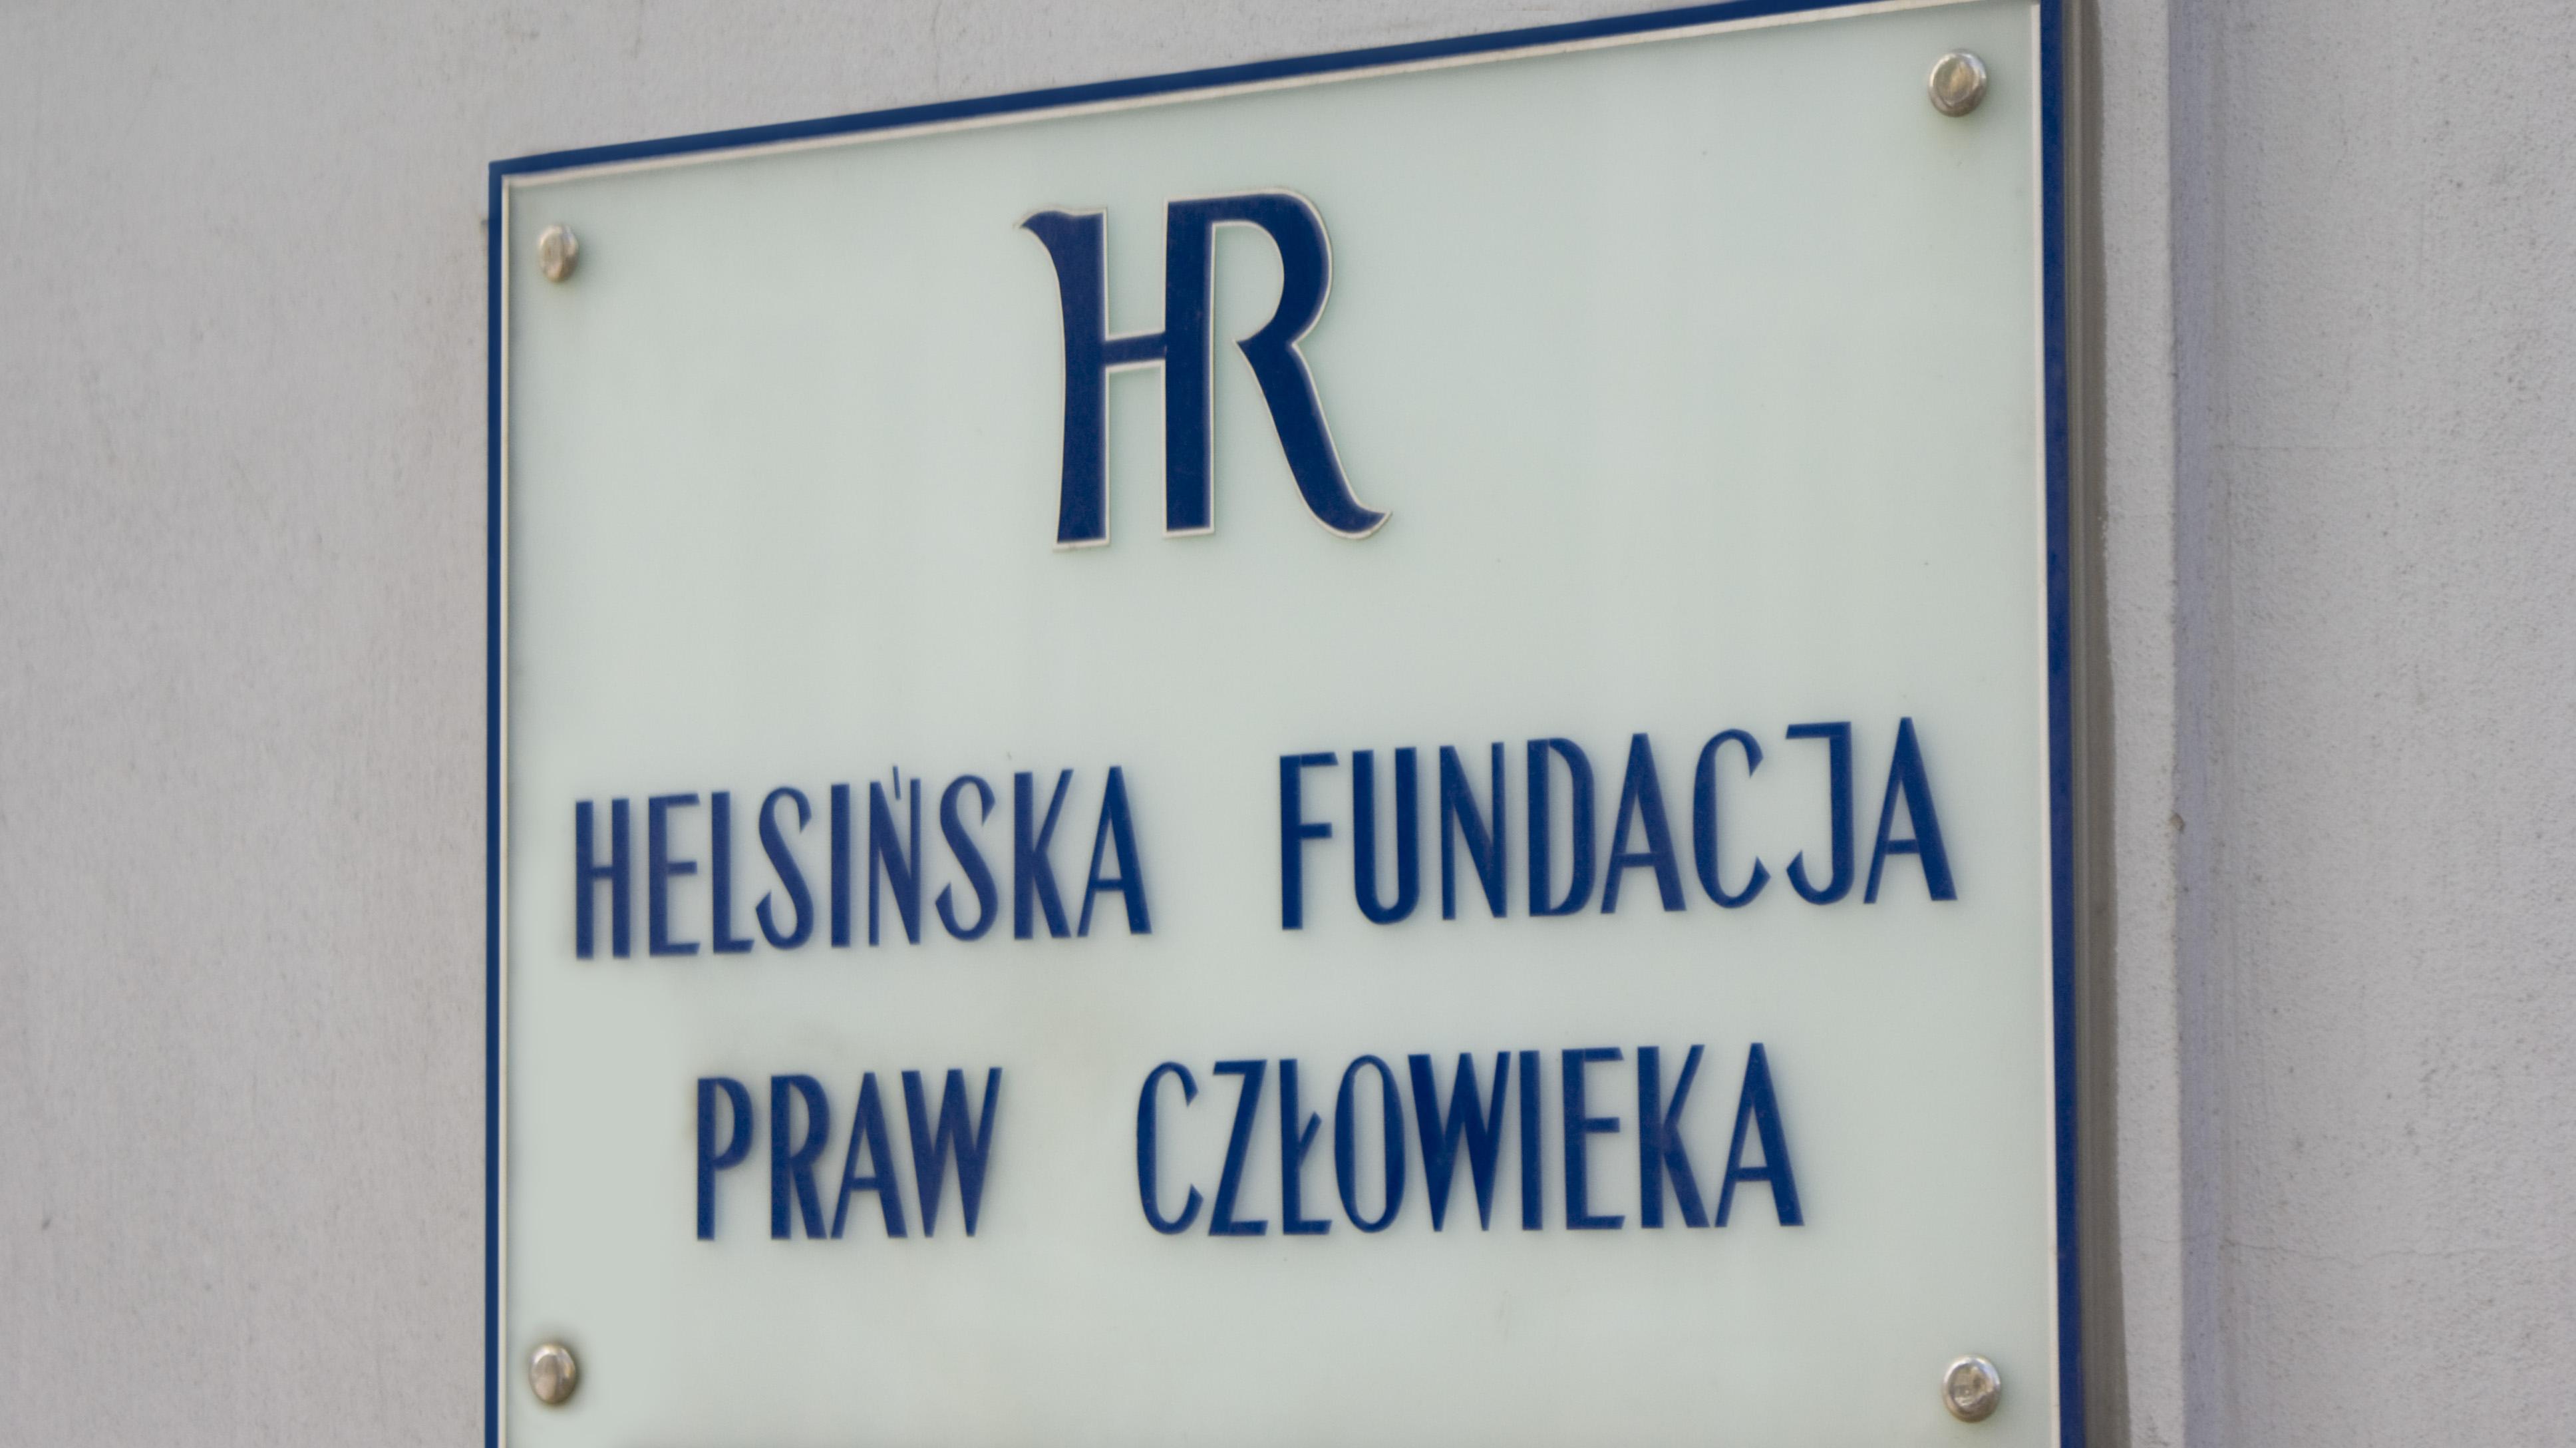 Helsinska Fundacja Praw Człowieka